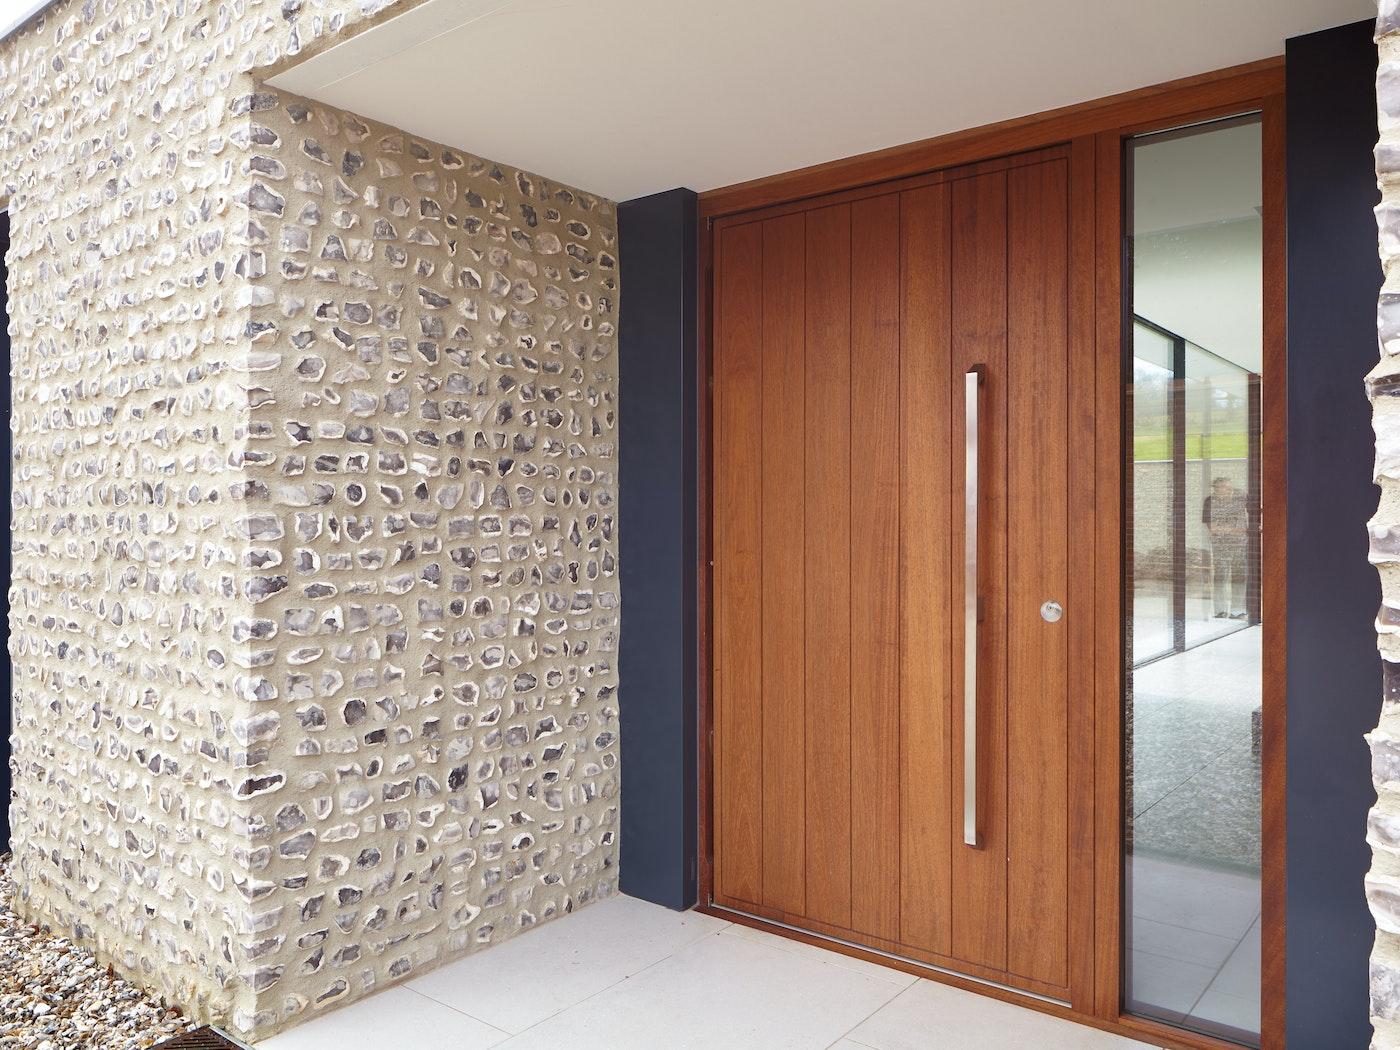 Oiled iroko wooden front door